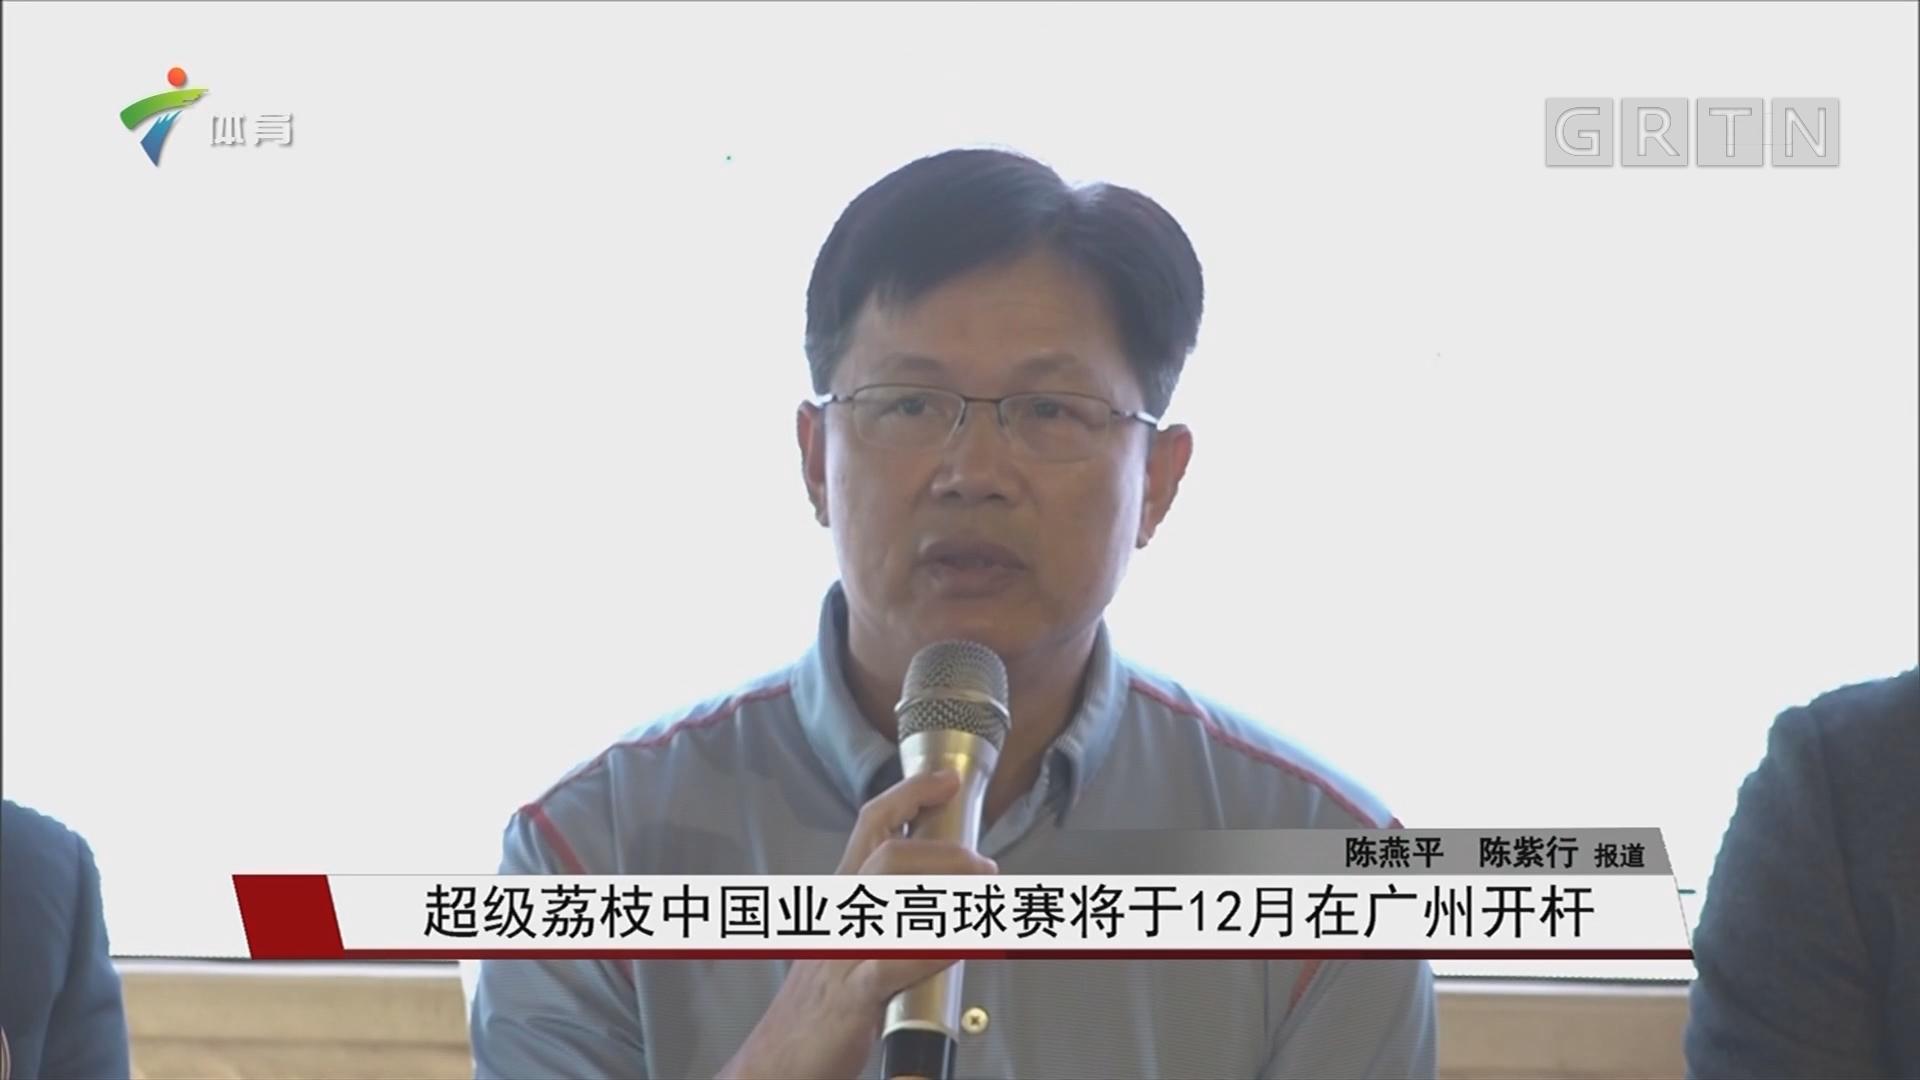 超级荔枝中国业余高球赛将于12月在广州开杆